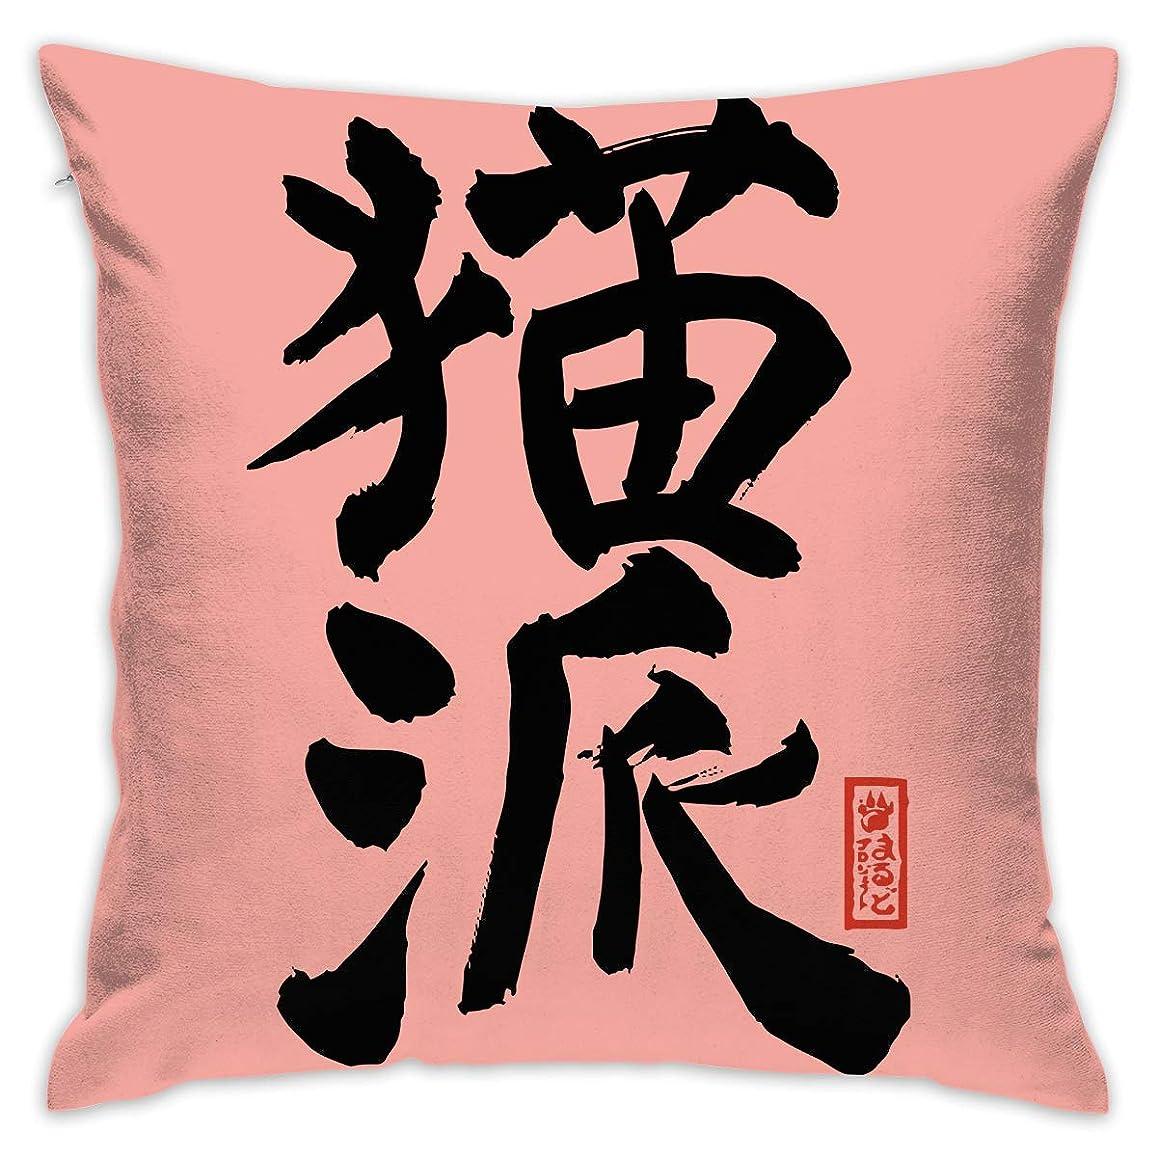 アート宣伝千猫派 日本 漢字 抱き枕 だきまくら クッション 座布団 柔らかい 贈り物 中身:綿 45*45cm